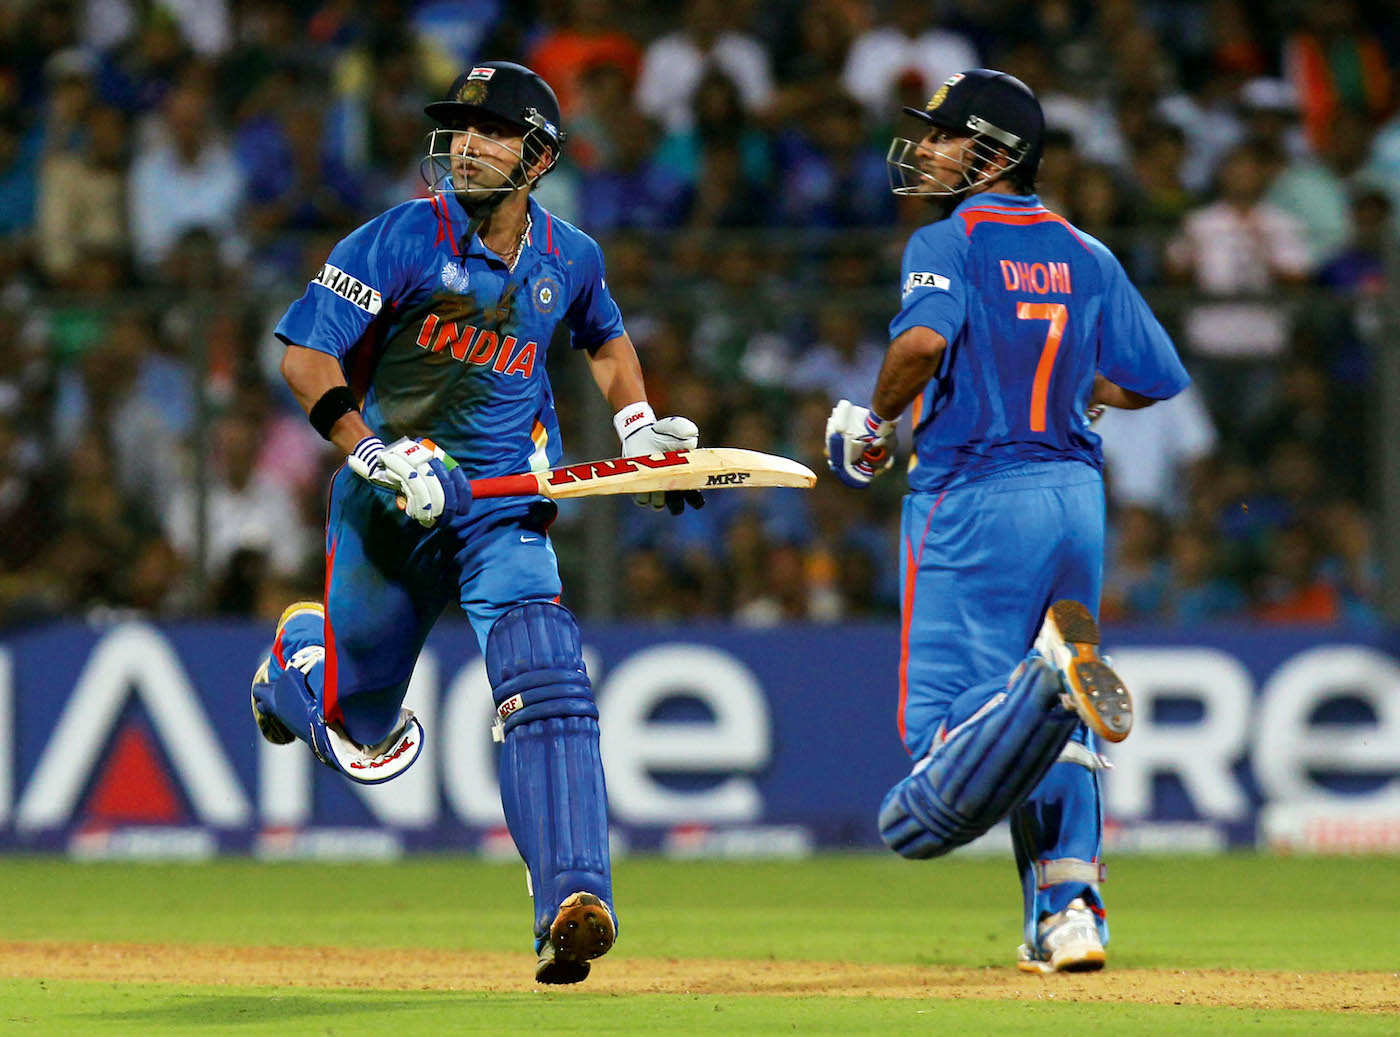 गंभीर और धोनी ने फाइनल में चौथे विकेट के लिए 109 रन की पार्टनरशिप की। गंभीर 97 रन पर आउट हुए।